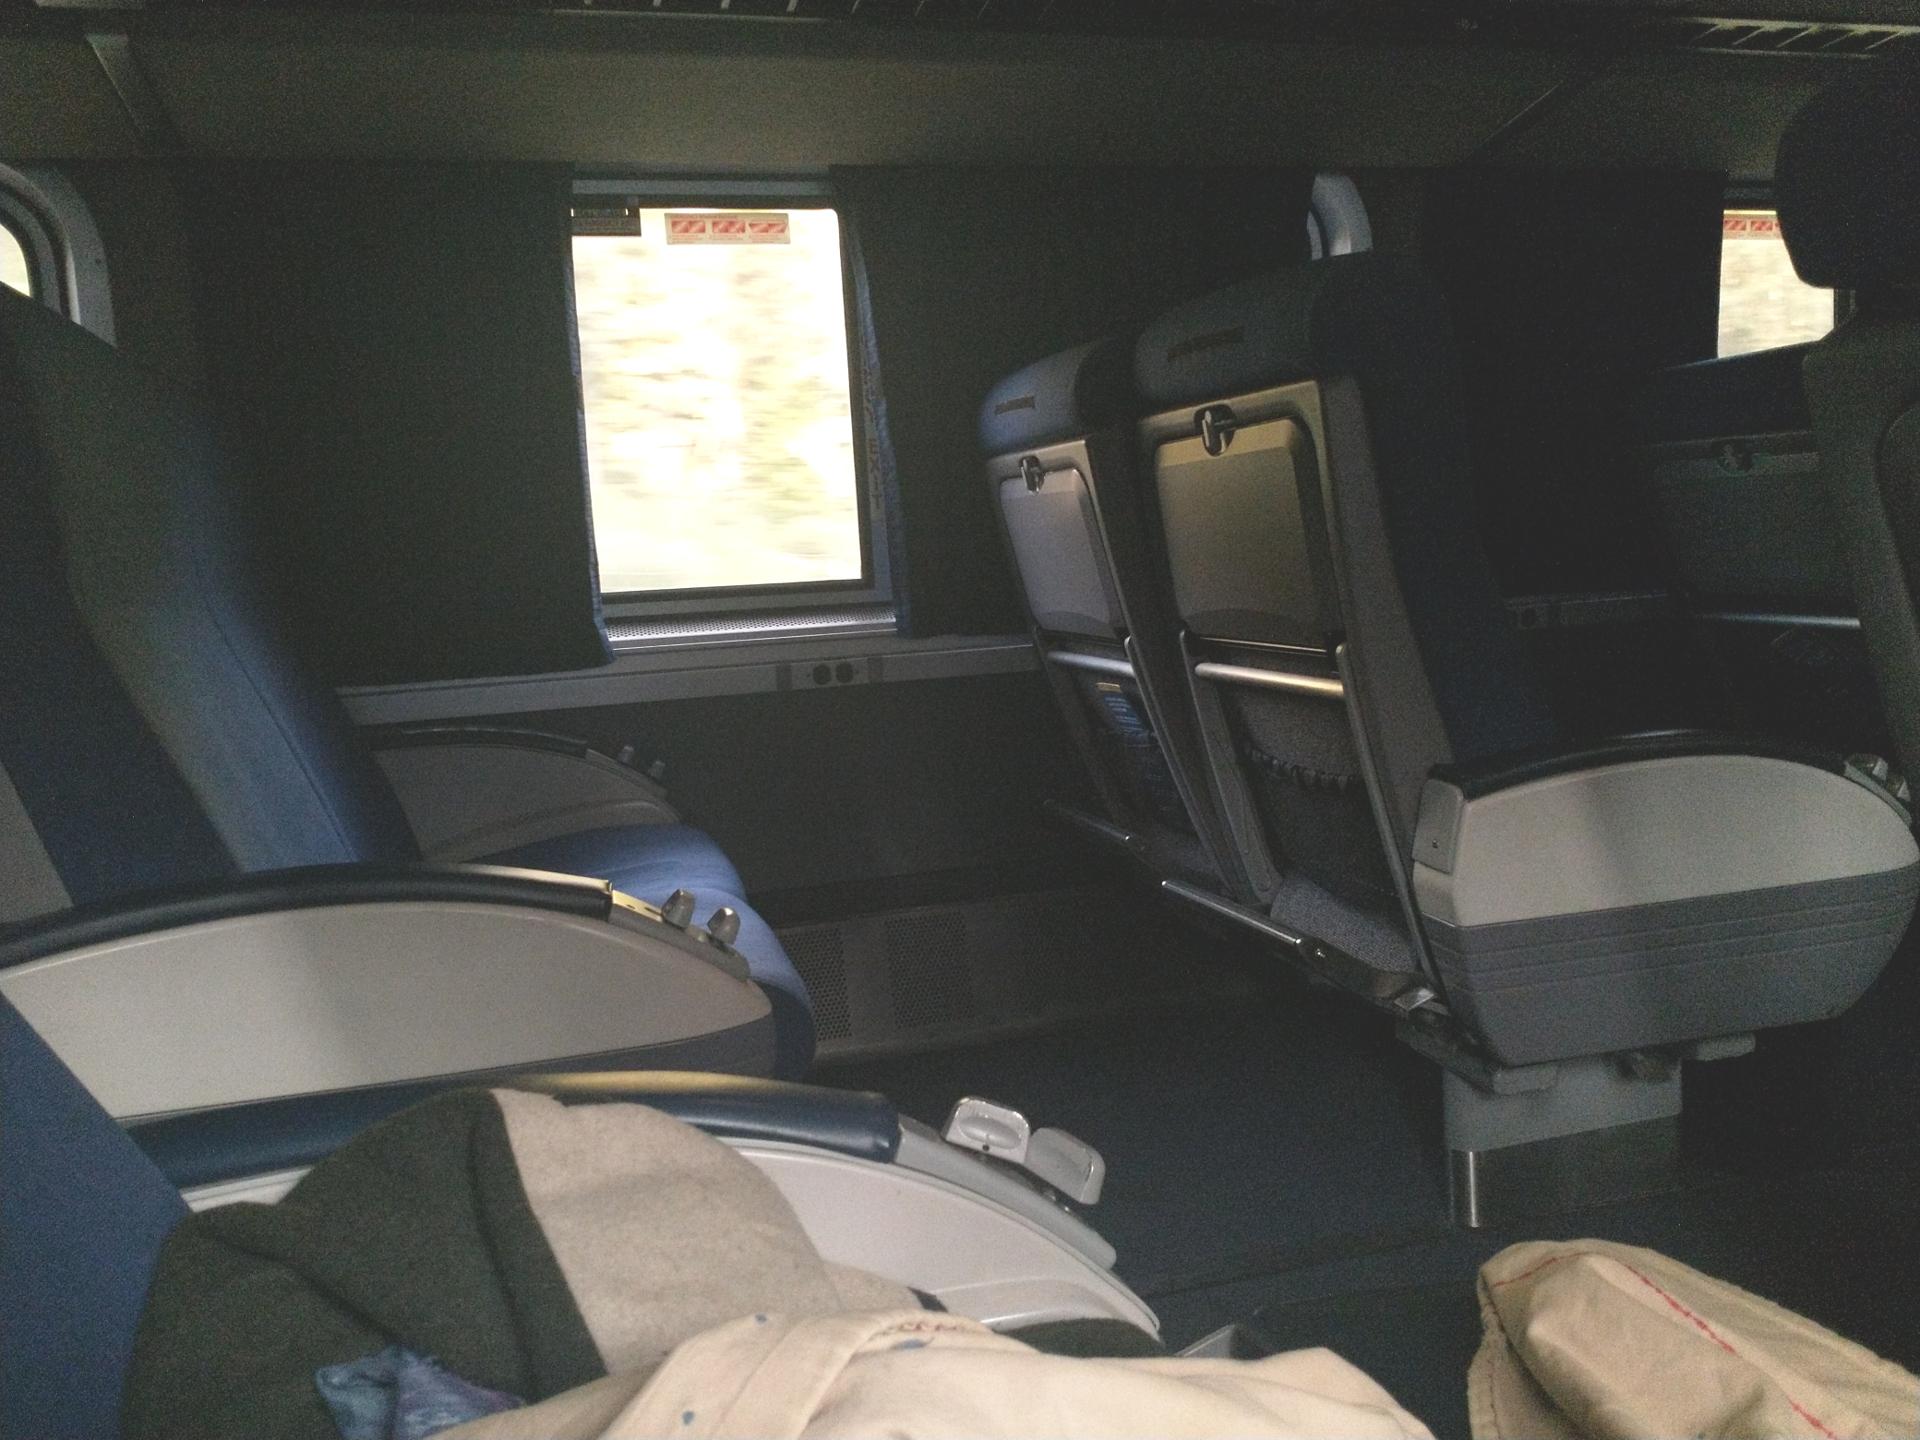 Der Sitzbereich ist niedriger, aufgrund des zweiten Stockes, und daher auch meist dunkler. Auch tagsüber. - Photocredit: Elisabeth Demeter